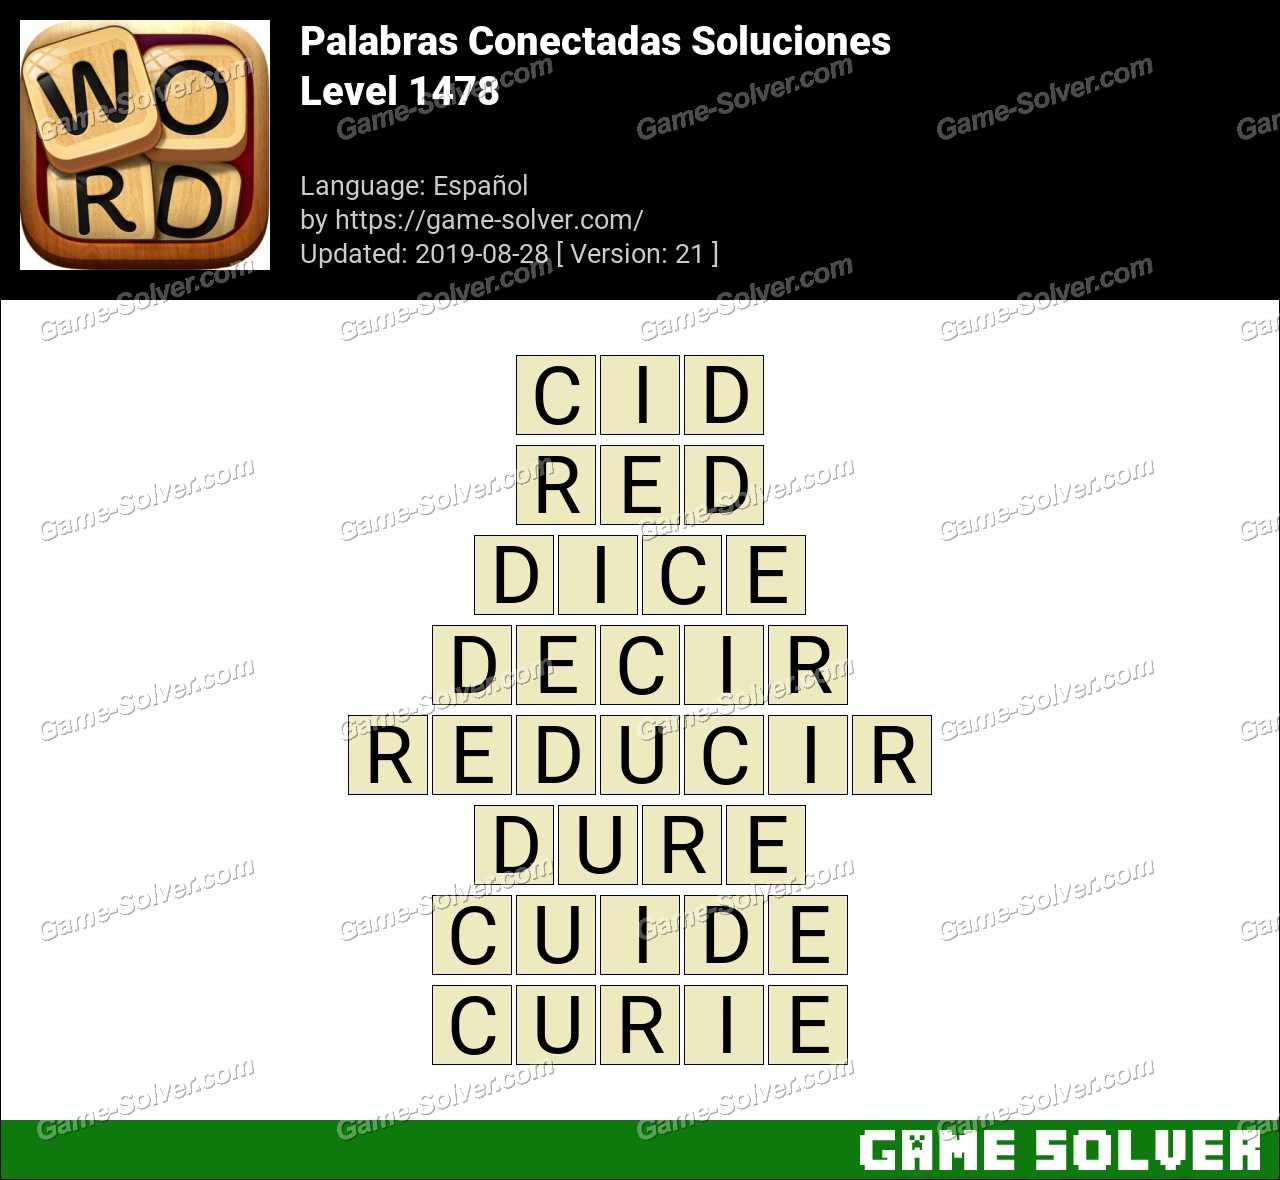 Palabras Conectadas Nivel 1478 Soluciones